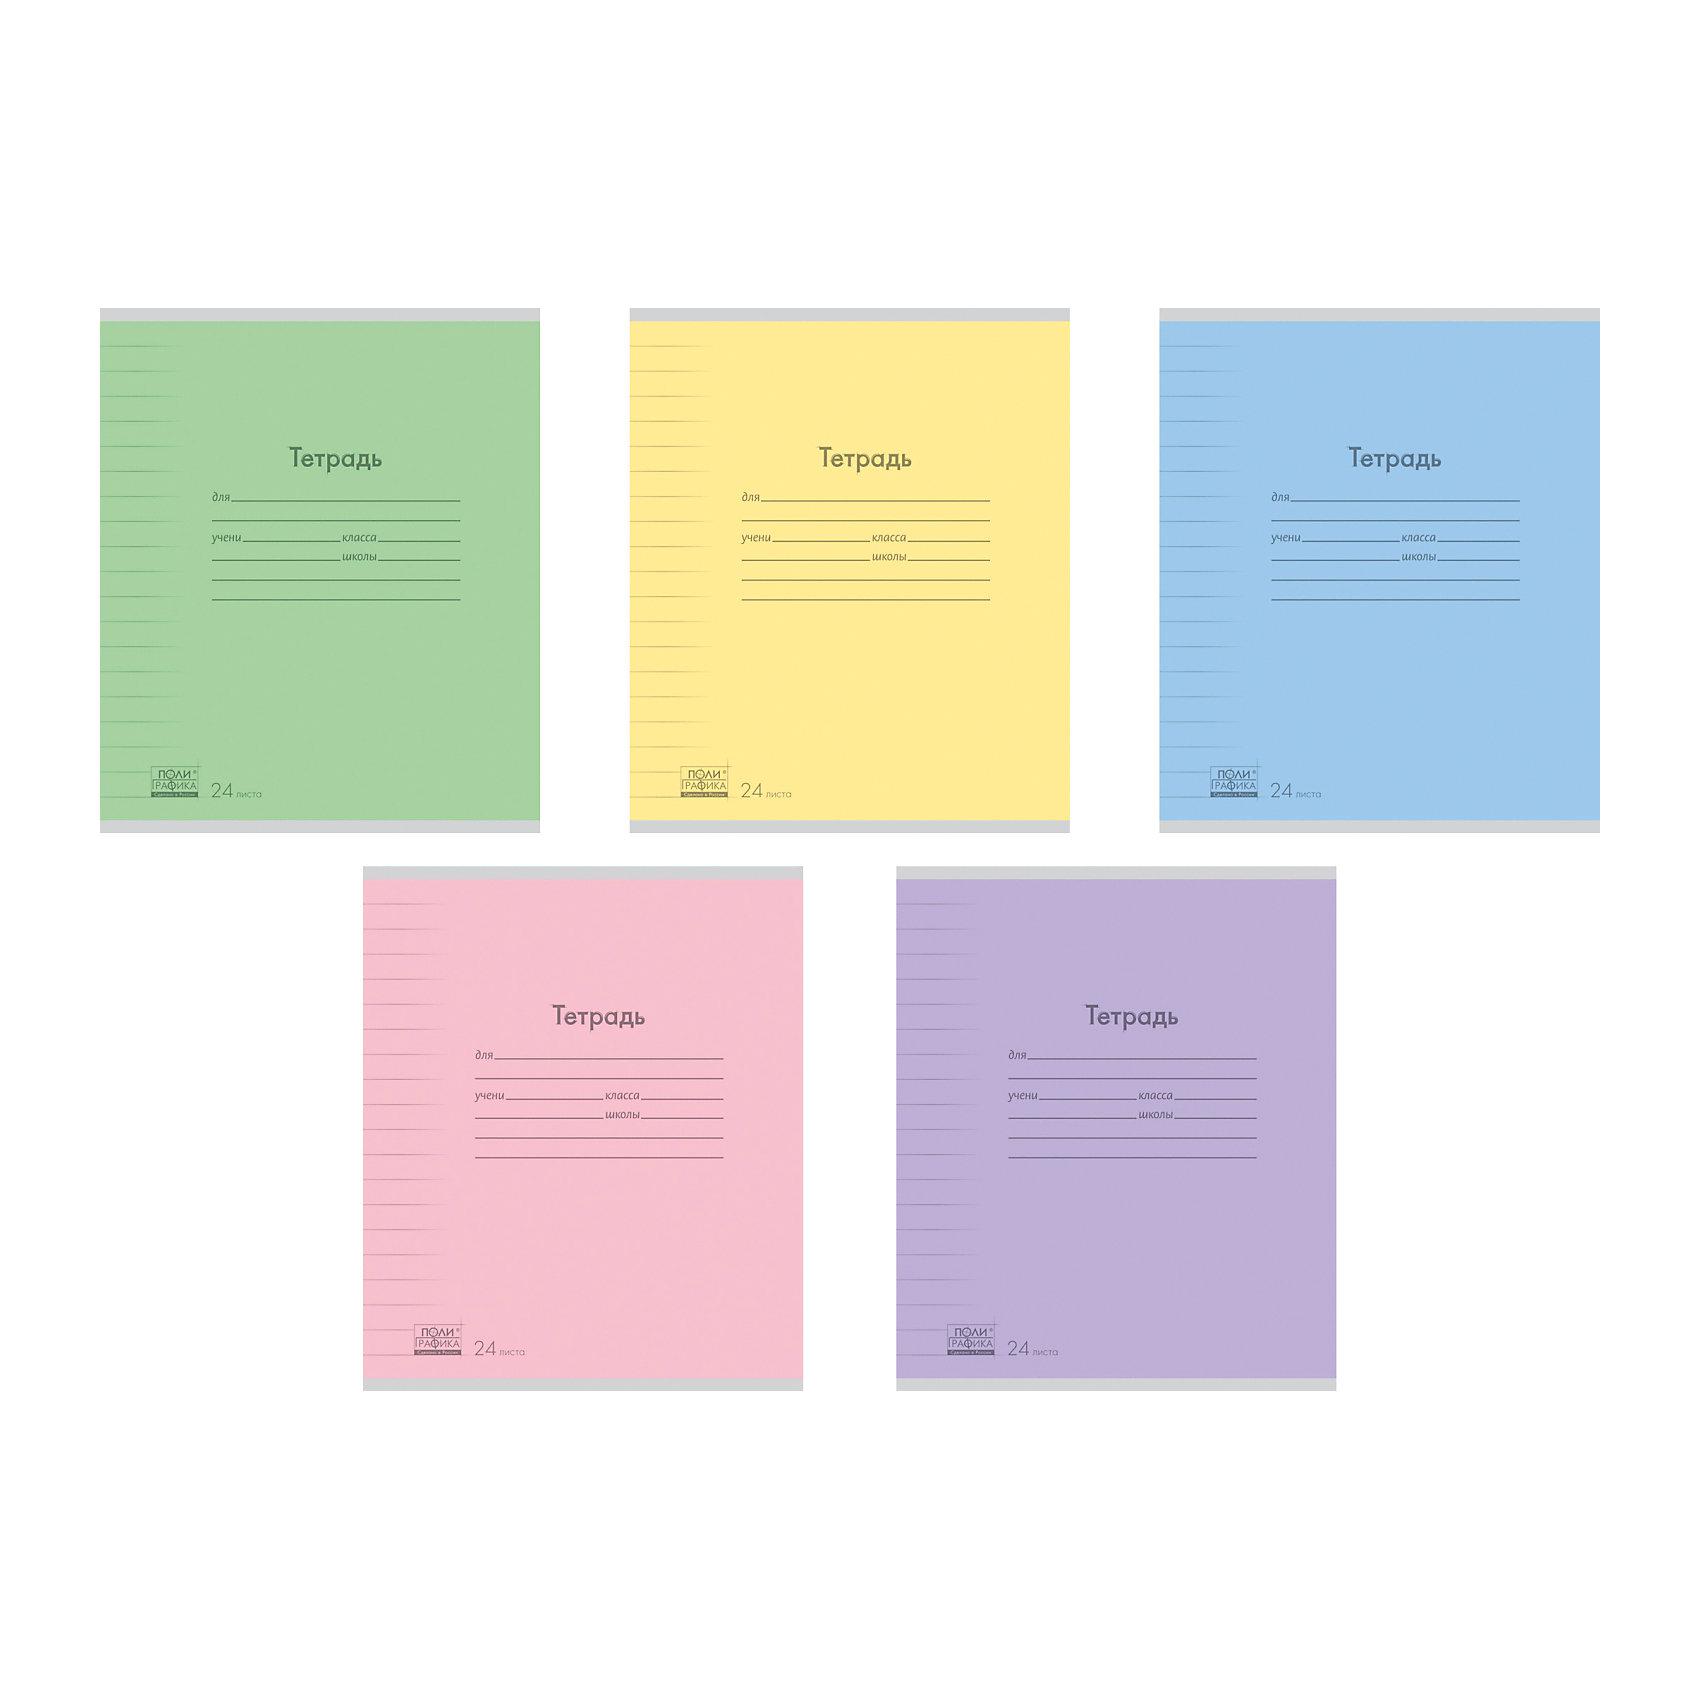 Тетрадь 24 листа , упаковка из 10 шт.Бумажная продукция<br>Тетрадь 24 листа , 10 шт.<br><br>Характеристики:<br><br>• Количество: 10 шт.<br>• Формат: А5<br>• Внутренний блок: 24 листа, линейка, с полями, офсет<br>• Тип крепления: скрепка<br>• Обложка: мелованный картон<br>• Упаковка: термопленка<br><br>Тетради в линейку с полями предназначены для школьников. Отличная полиграфия и качественная бумага обеспечат высокое качество письма. Обложка из мелованного картона позволит сохранять тетрадь в аккуратном виде в течение всего периода использования. На задней обложке тетради – русский и английский алфавит.<br><br>Тетрадь 24 листа , 10 шт. можно купить в нашем интернет-магазине.<br><br>Ширина мм: 170<br>Глубина мм: 40<br>Высота мм: 205<br>Вес г: 349<br>Возраст от месяцев: 60<br>Возраст до месяцев: 204<br>Пол: Унисекс<br>Возраст: Детский<br>SKU: 5540102